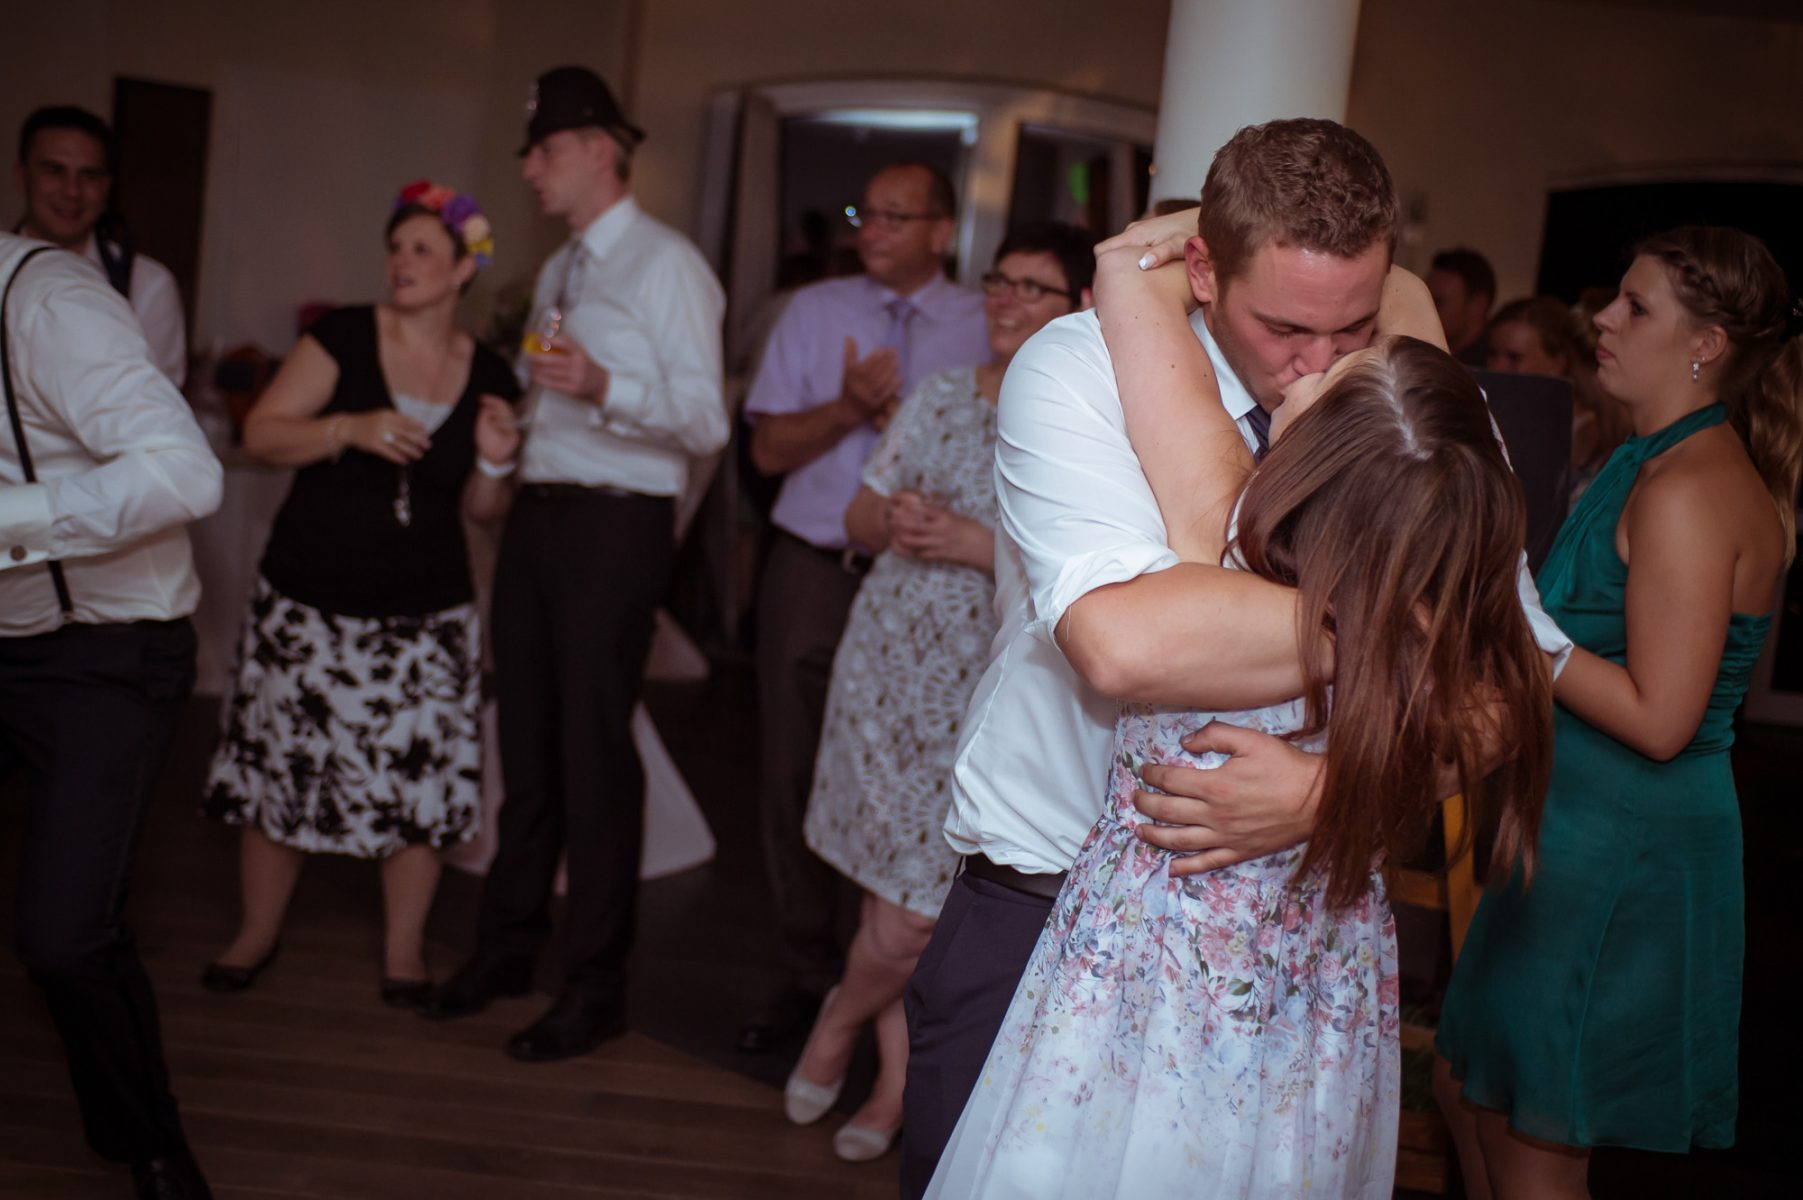 Hochzeit B2000  6742 065 1803x1200 - GRATULATION & EMOTION